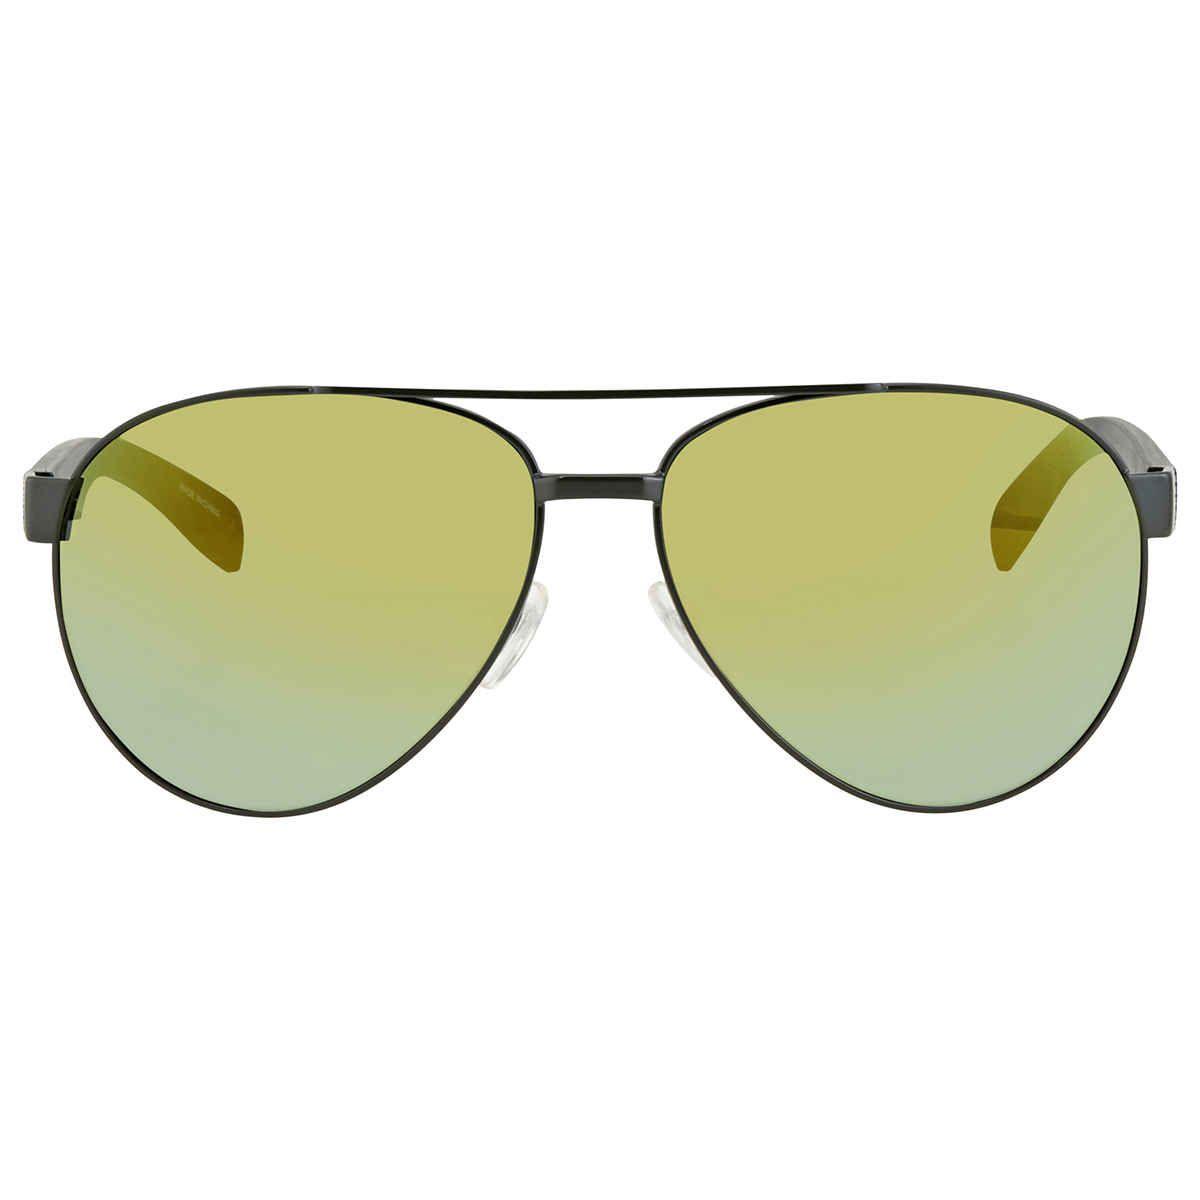 Lacoste Green Square Unisex Sunglasses L185S 315 60